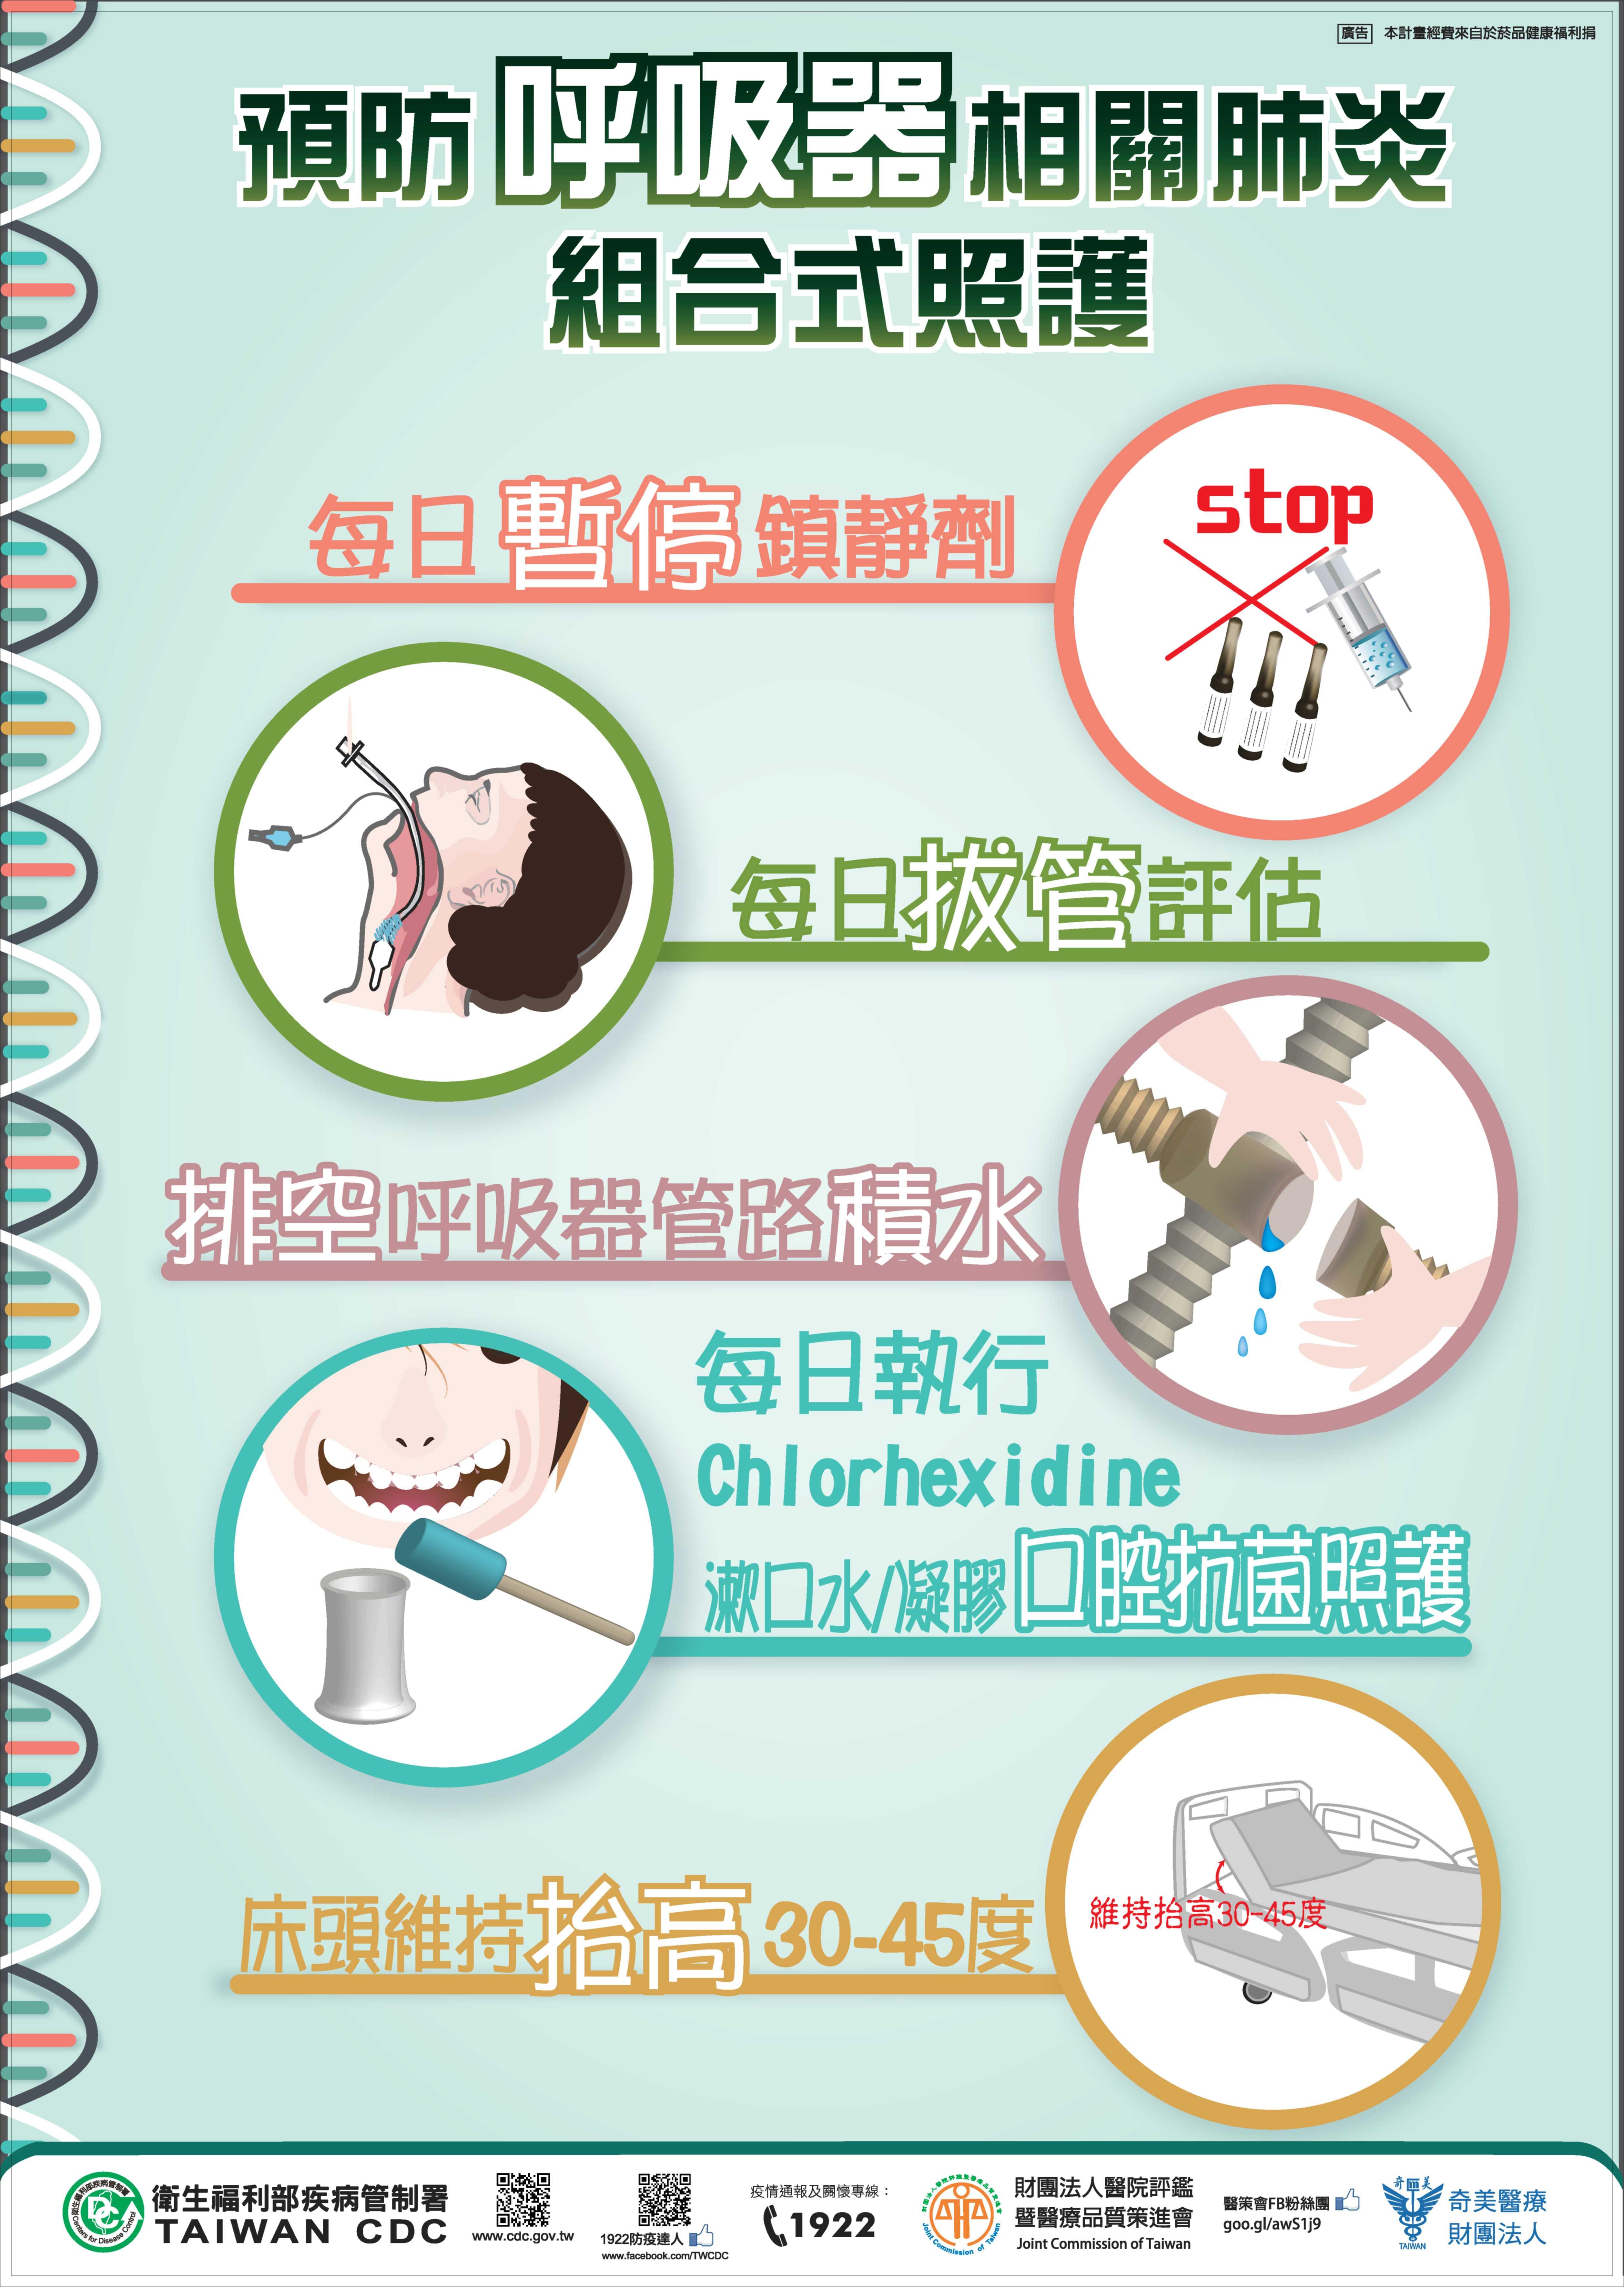 「預防呼吸器相關肺炎組合視照護」宣導海報-2017年製